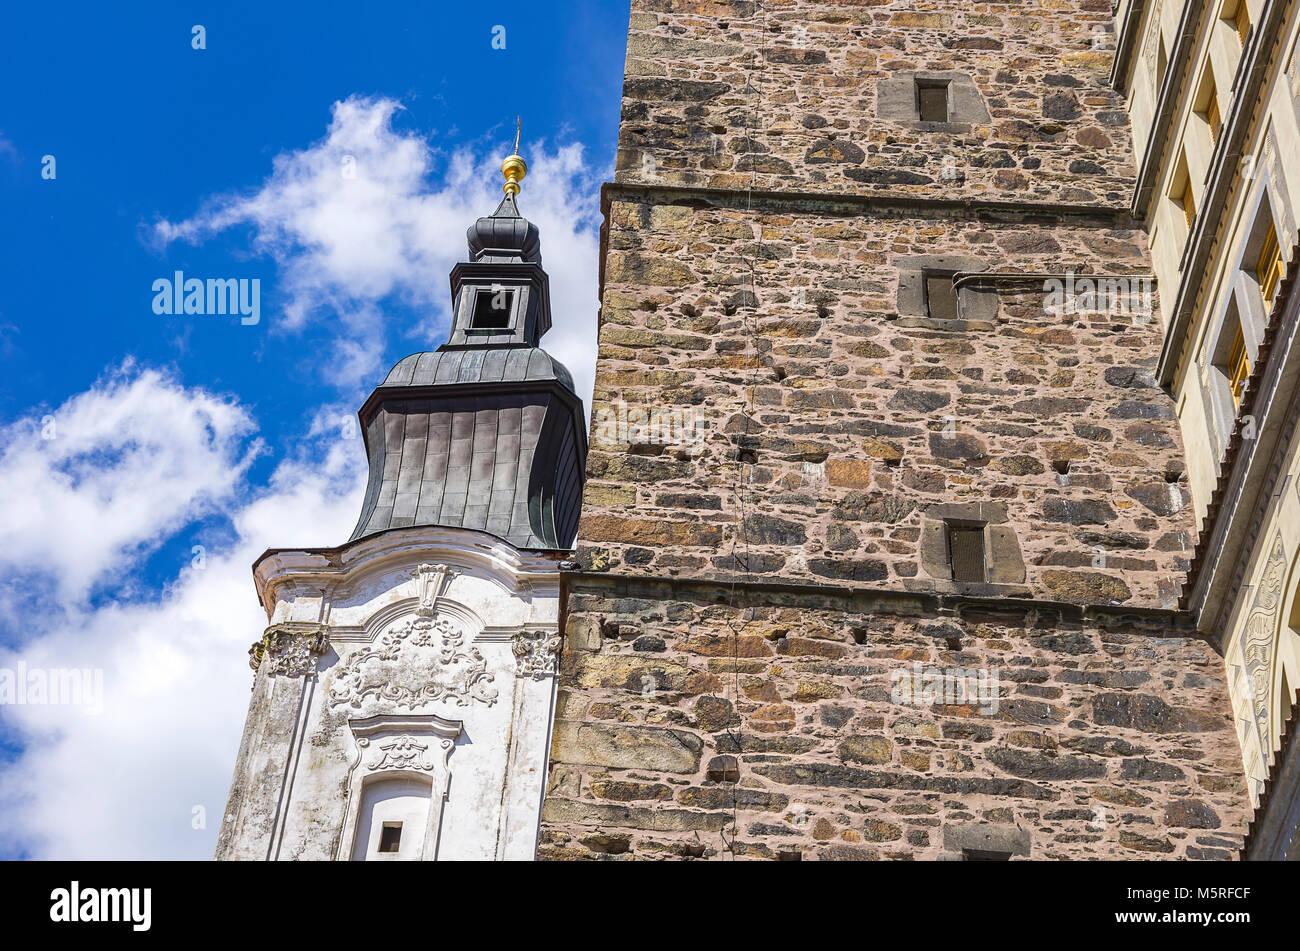 Klatovy, Tschechien - südlichen Turm der Jesuitenkirche und Black Tower. Stockbild